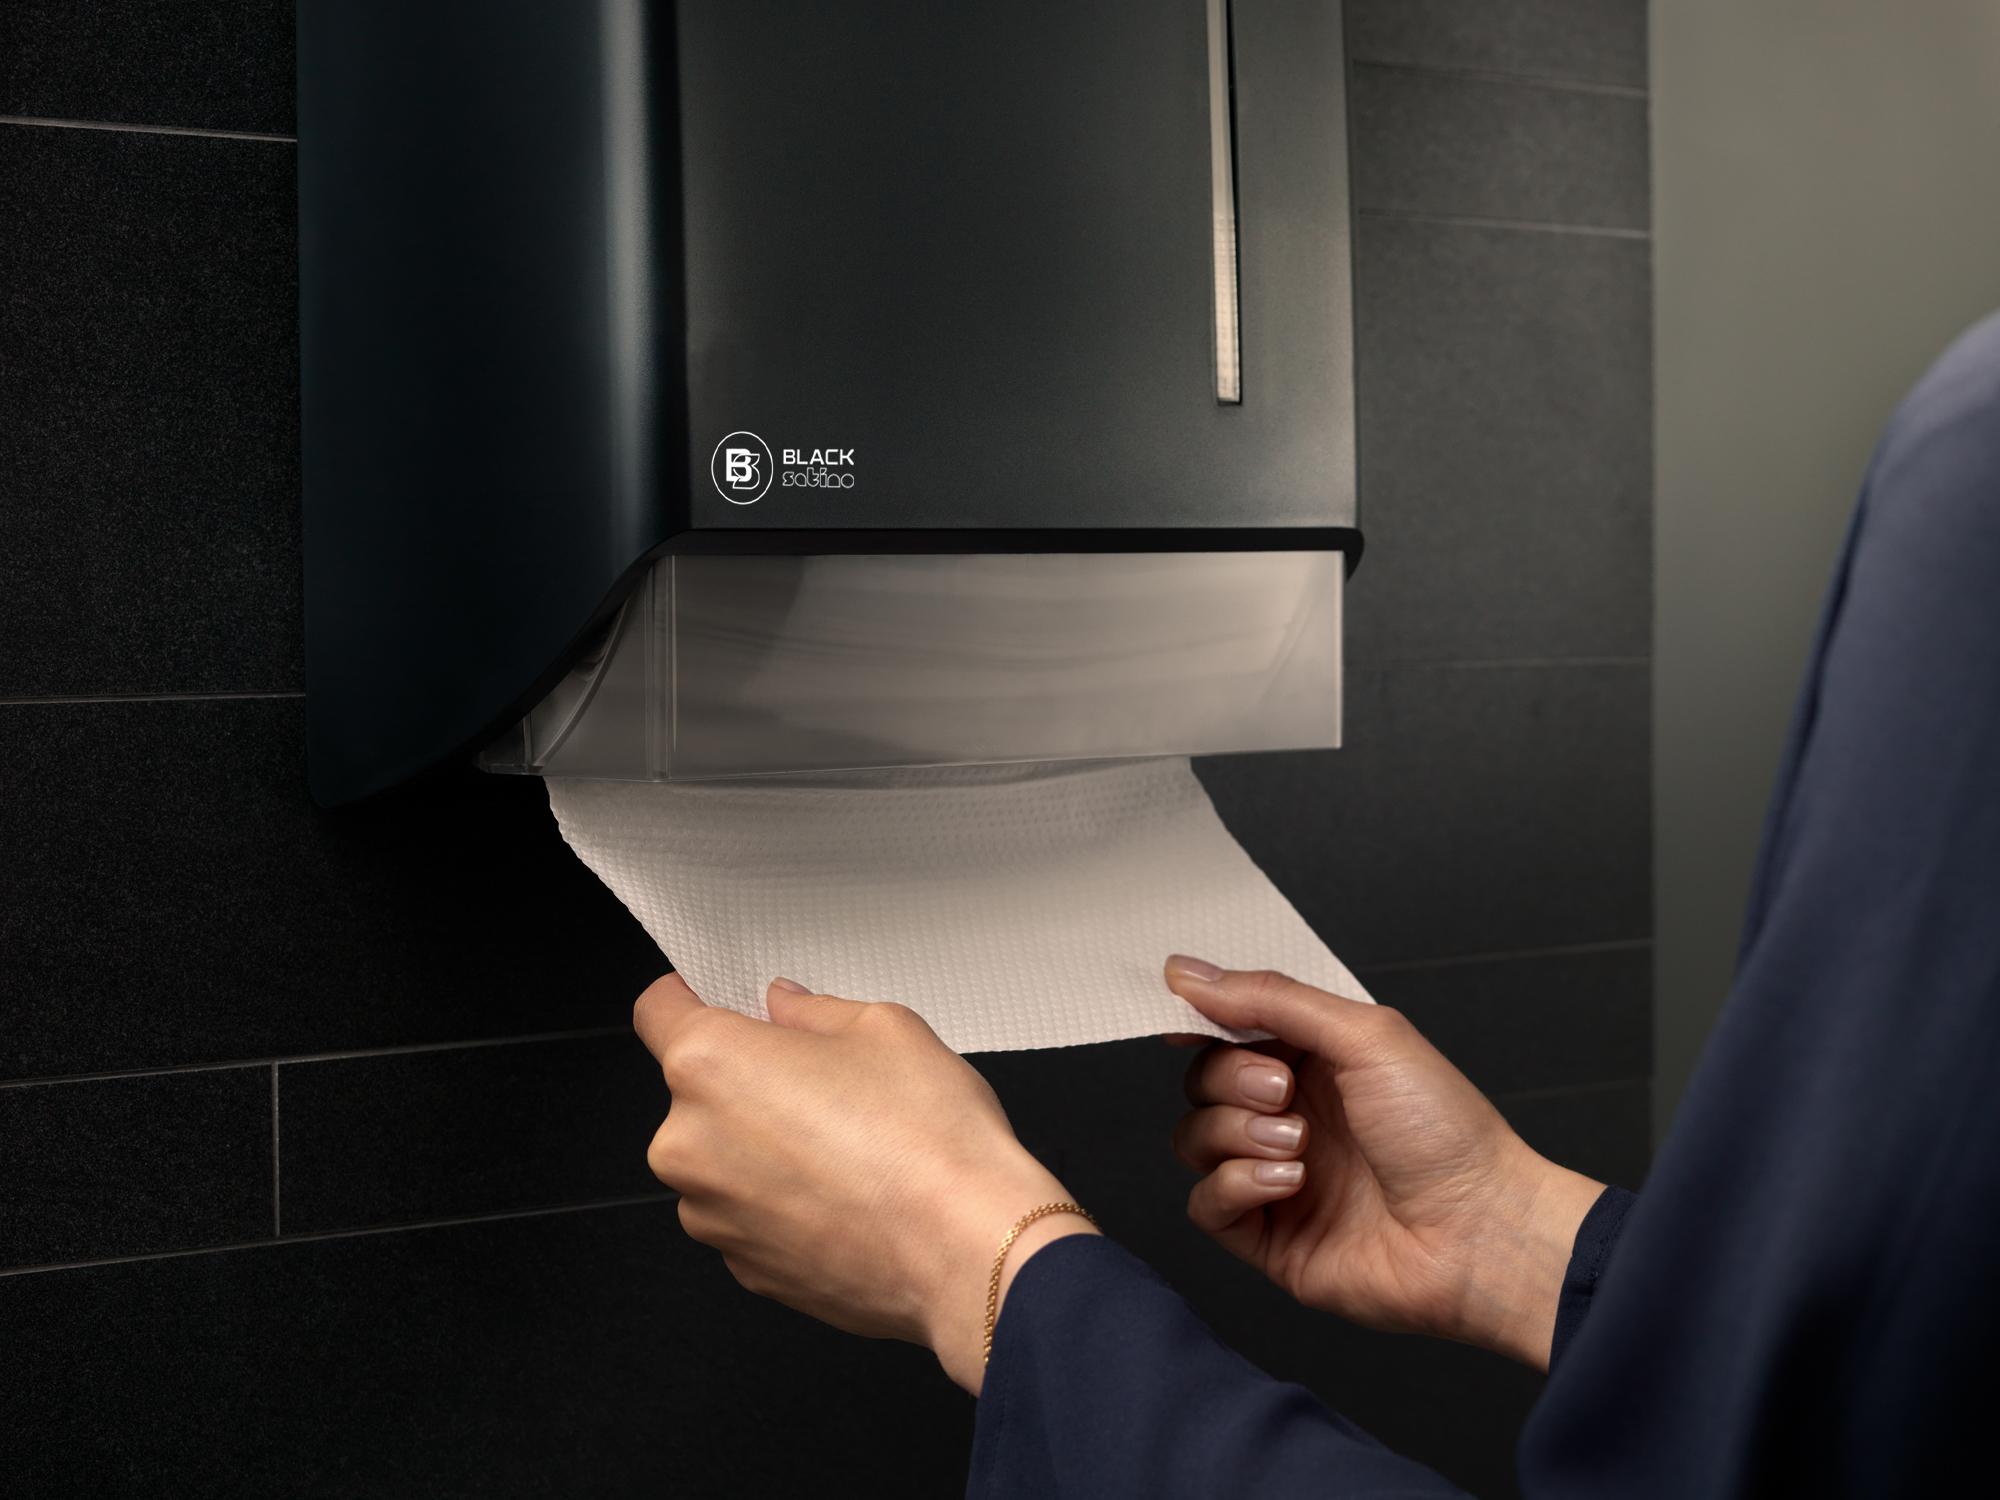 Handdoekdispenser met handen